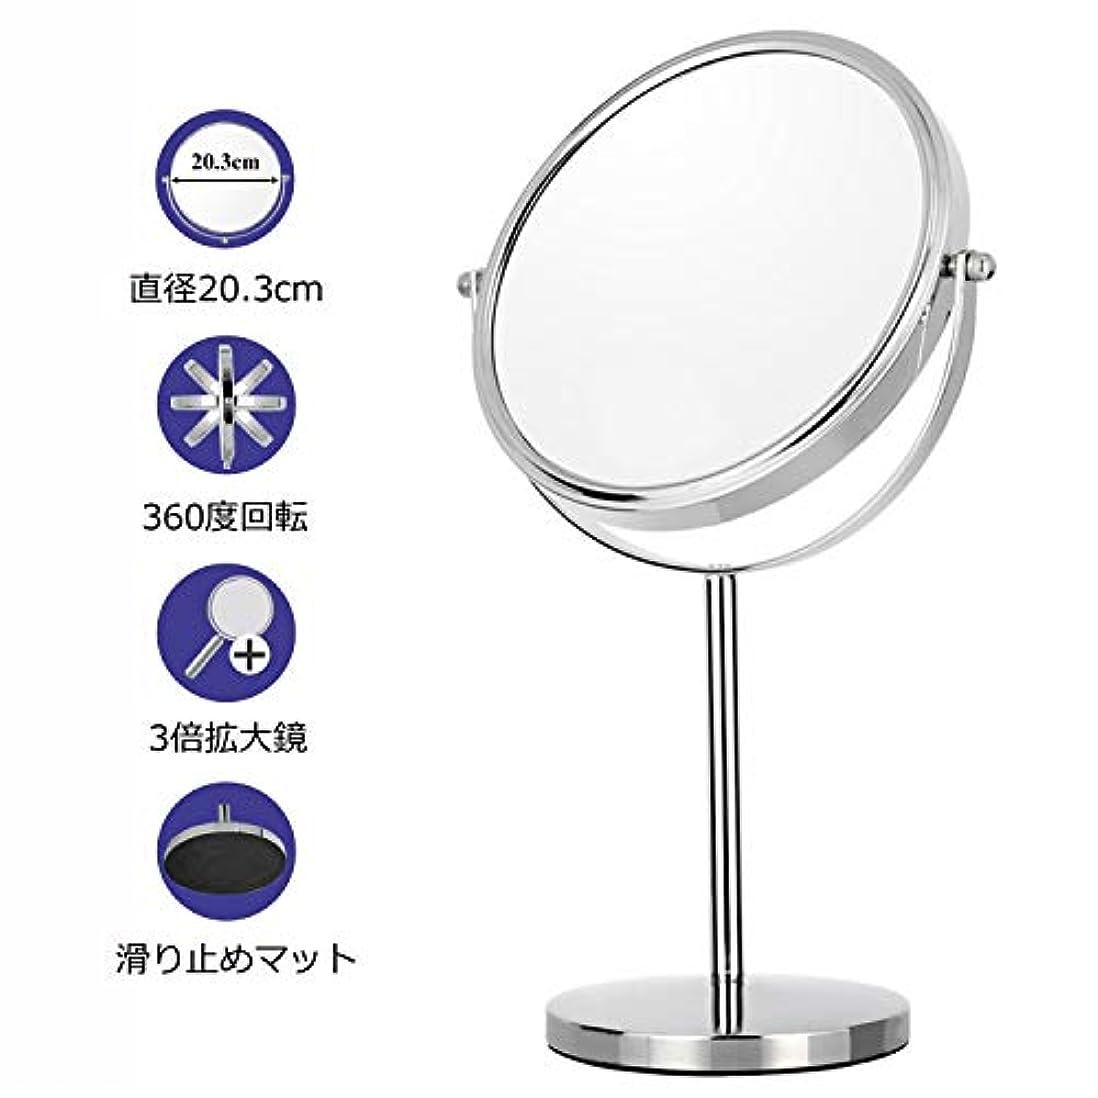 バトル瀬戸際電圧鏡 卓上 拡大鏡付き 3倍卓上鏡 真実の両面鏡 浴室鏡 ミラー 360度回転 スタンドミラー クロム 鏡 (鏡面23.2cm)